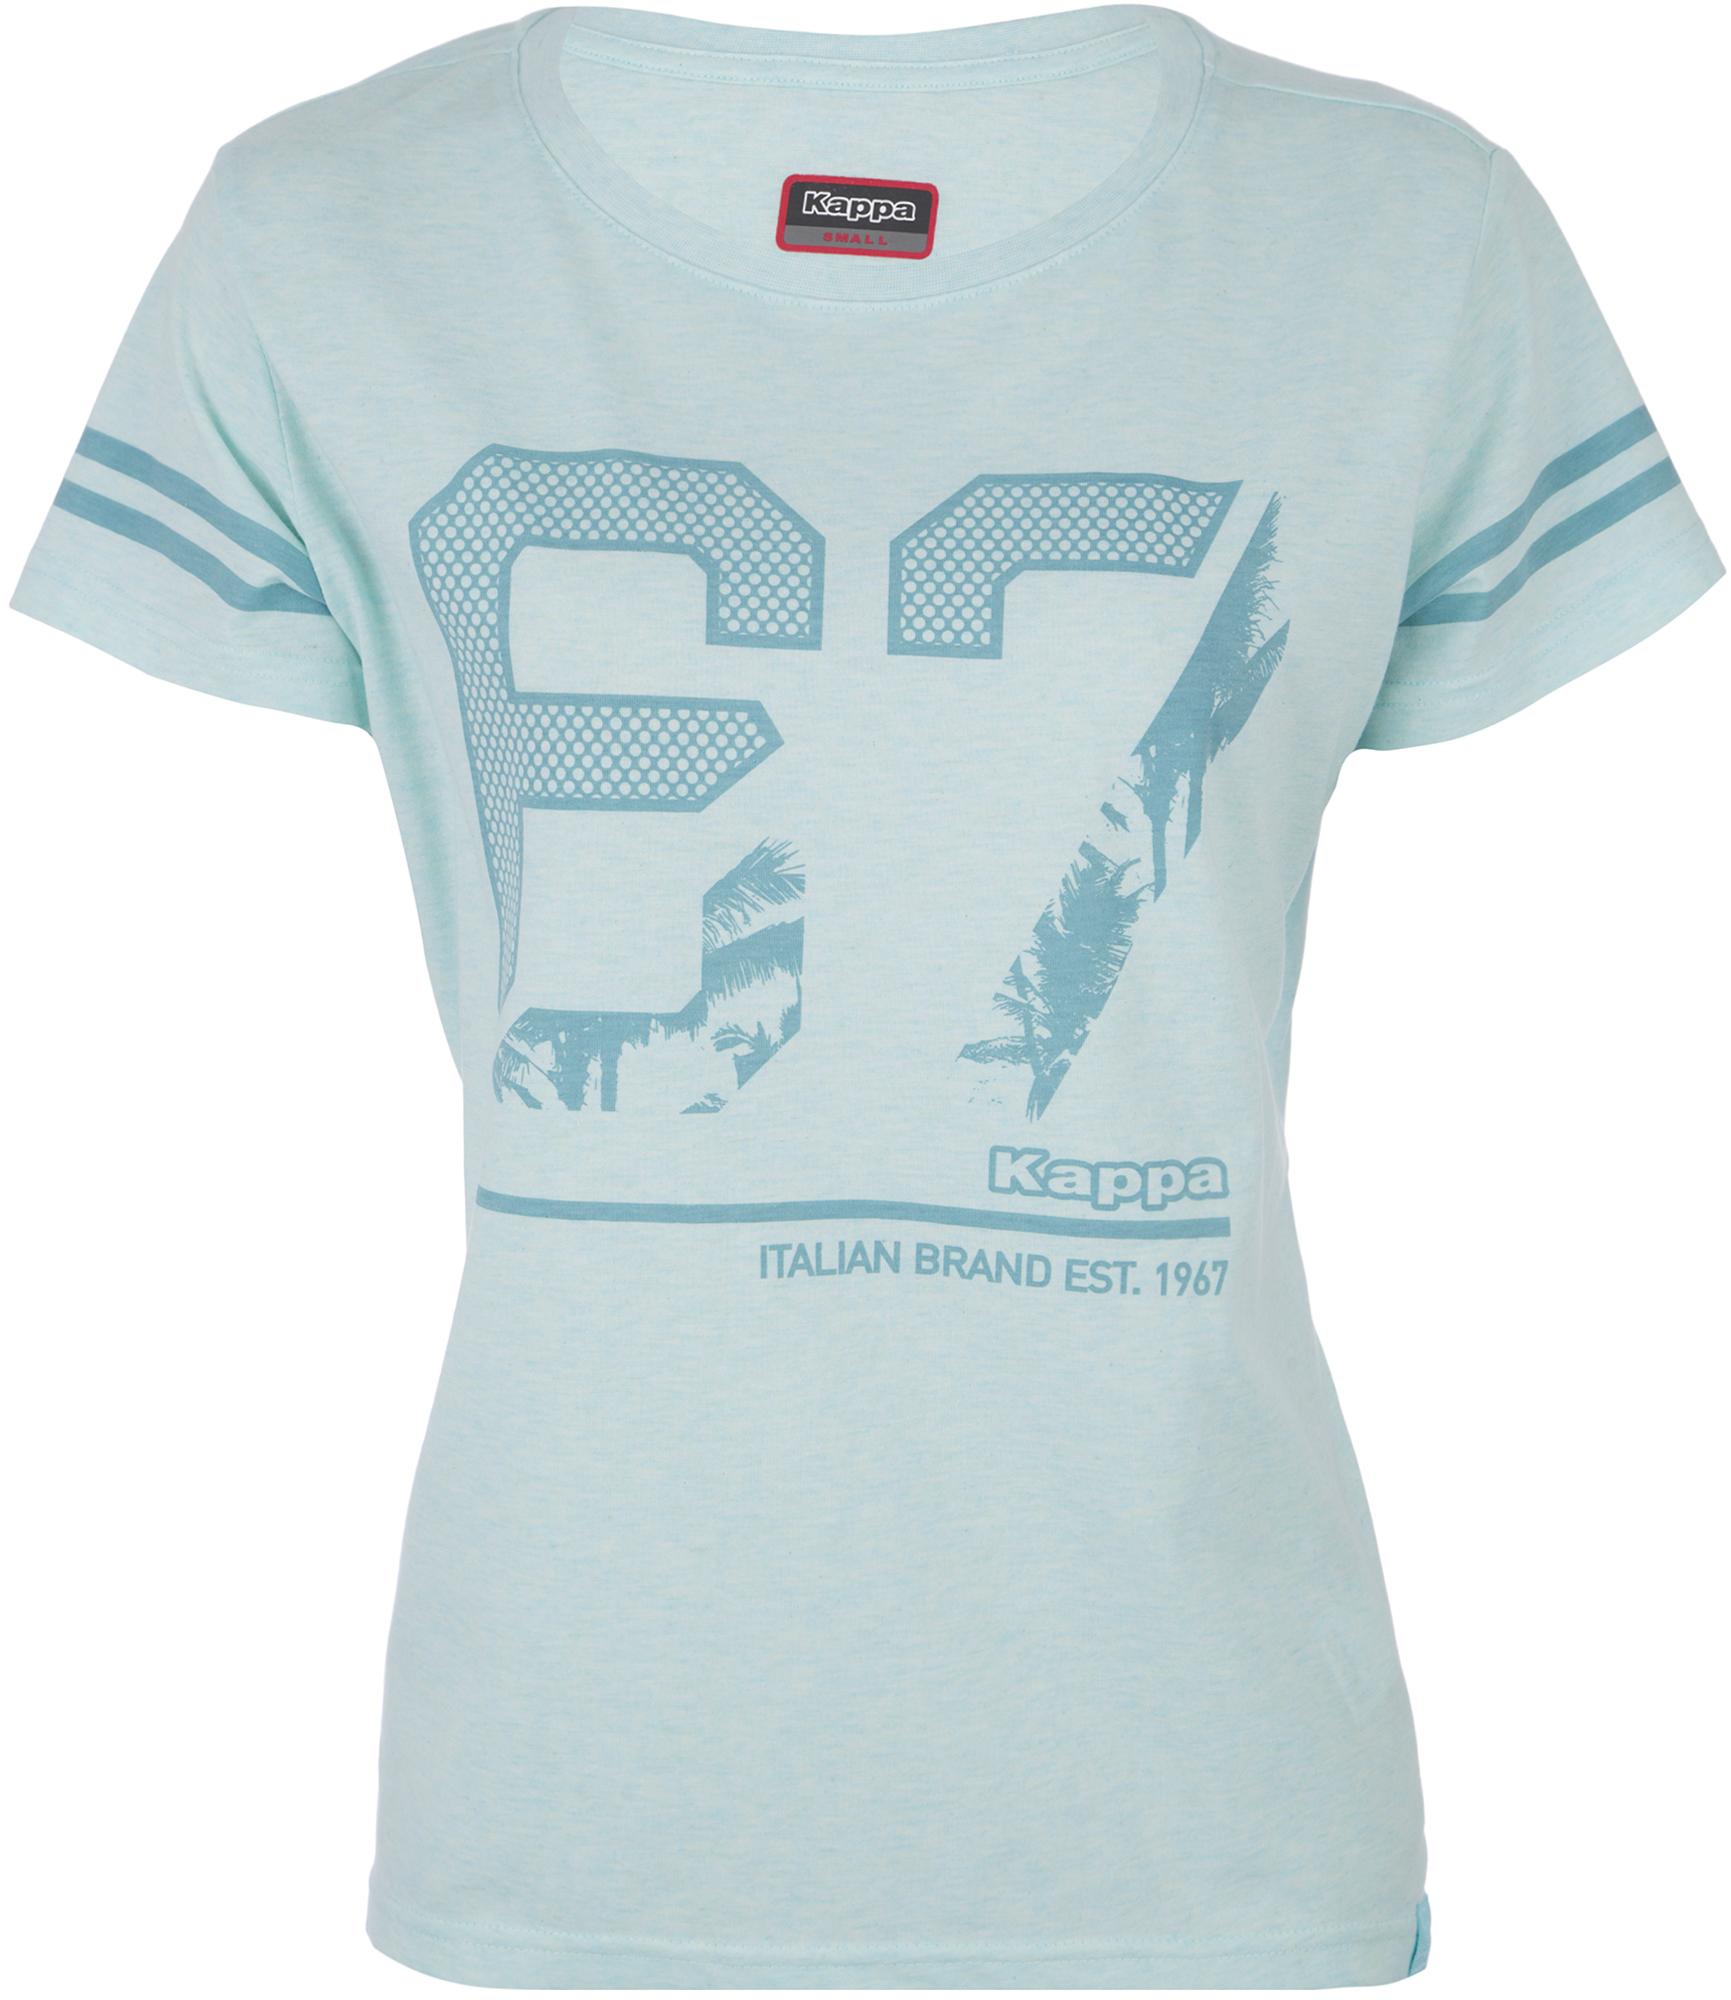 футболка женская oodji ultra цвет бежево розовый 14701005 7b 46147 4b00n размер s 44 Kappa Футболка женская Kappa, размер 44